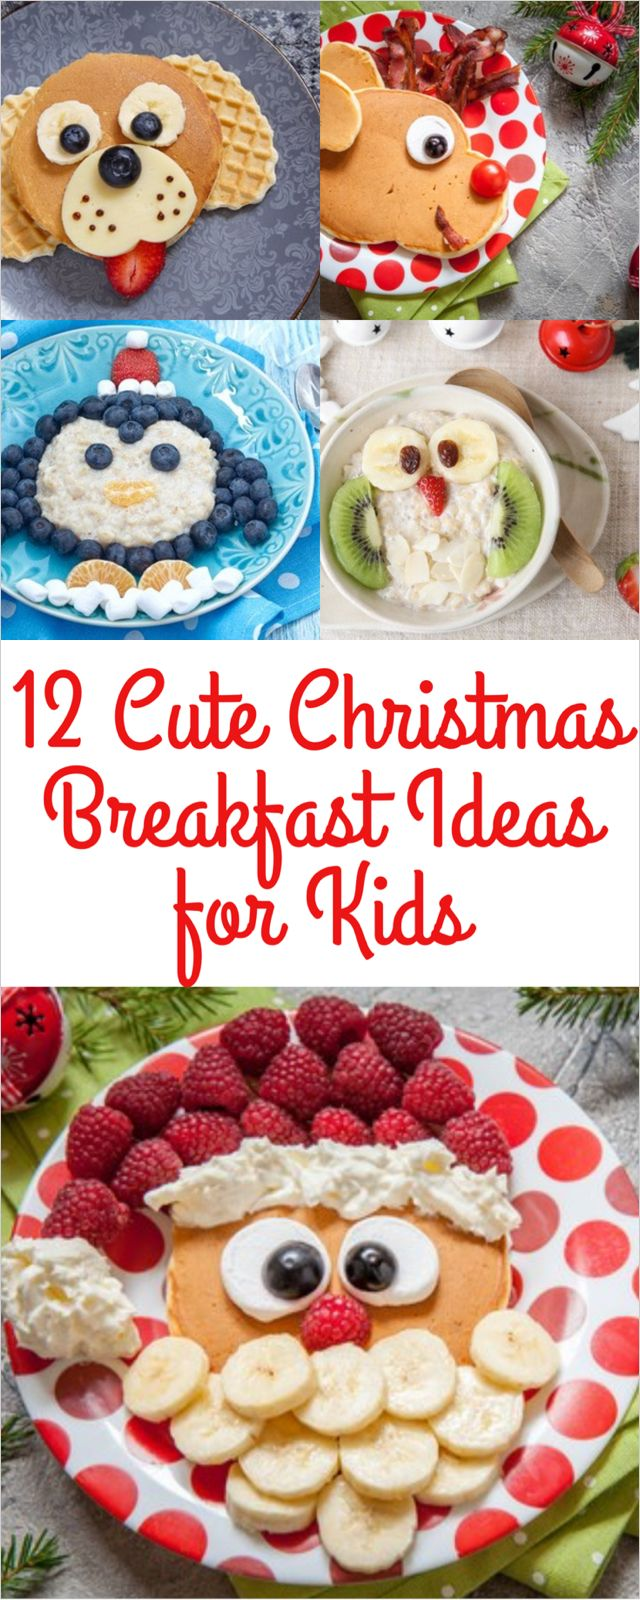 12 Cute Christmas Breakfast Ideas for Kids